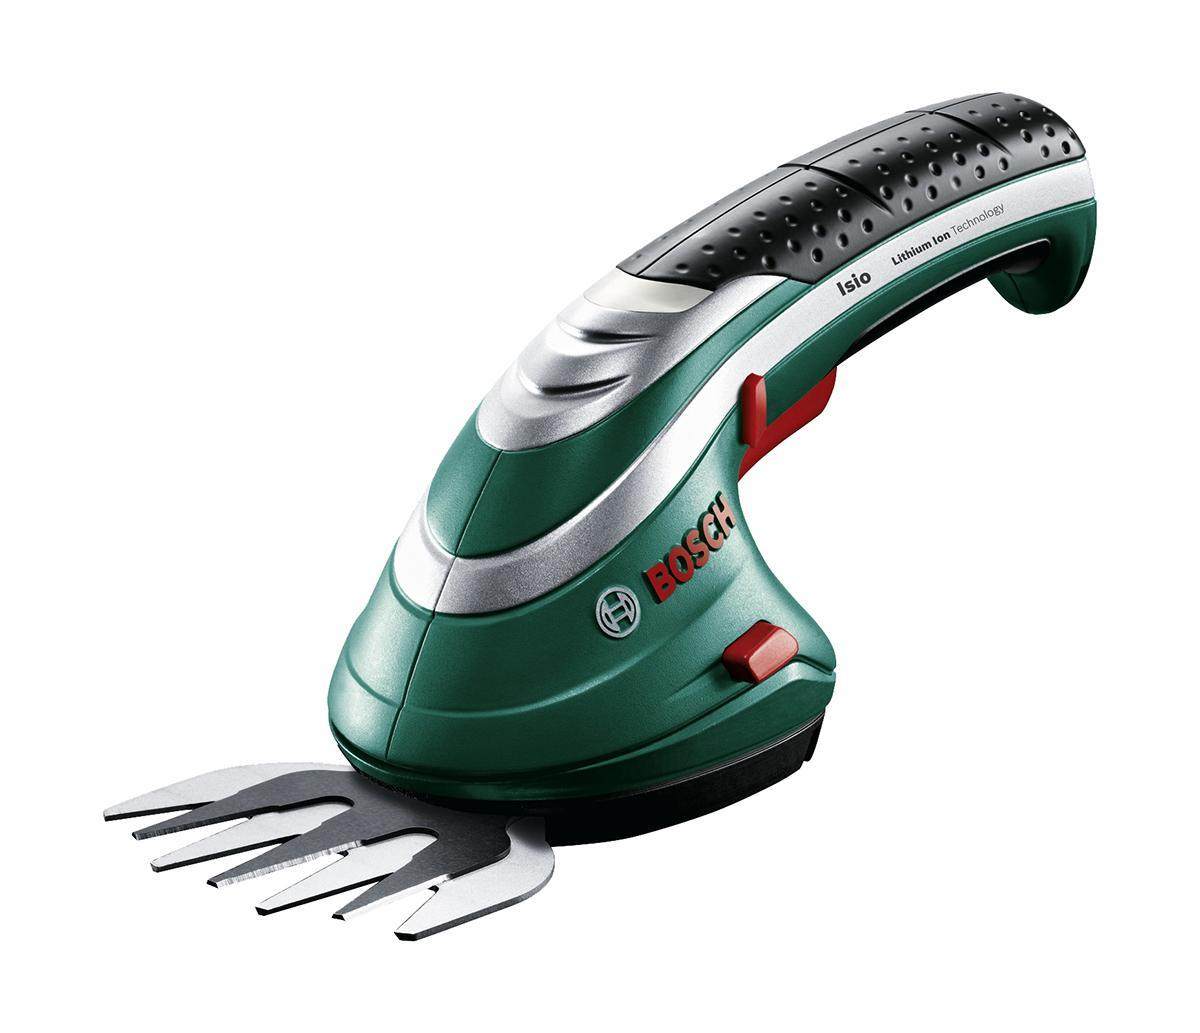 Аккумуляторные ножницы для травы Bosch ISIO 3+ чехол 0600833102